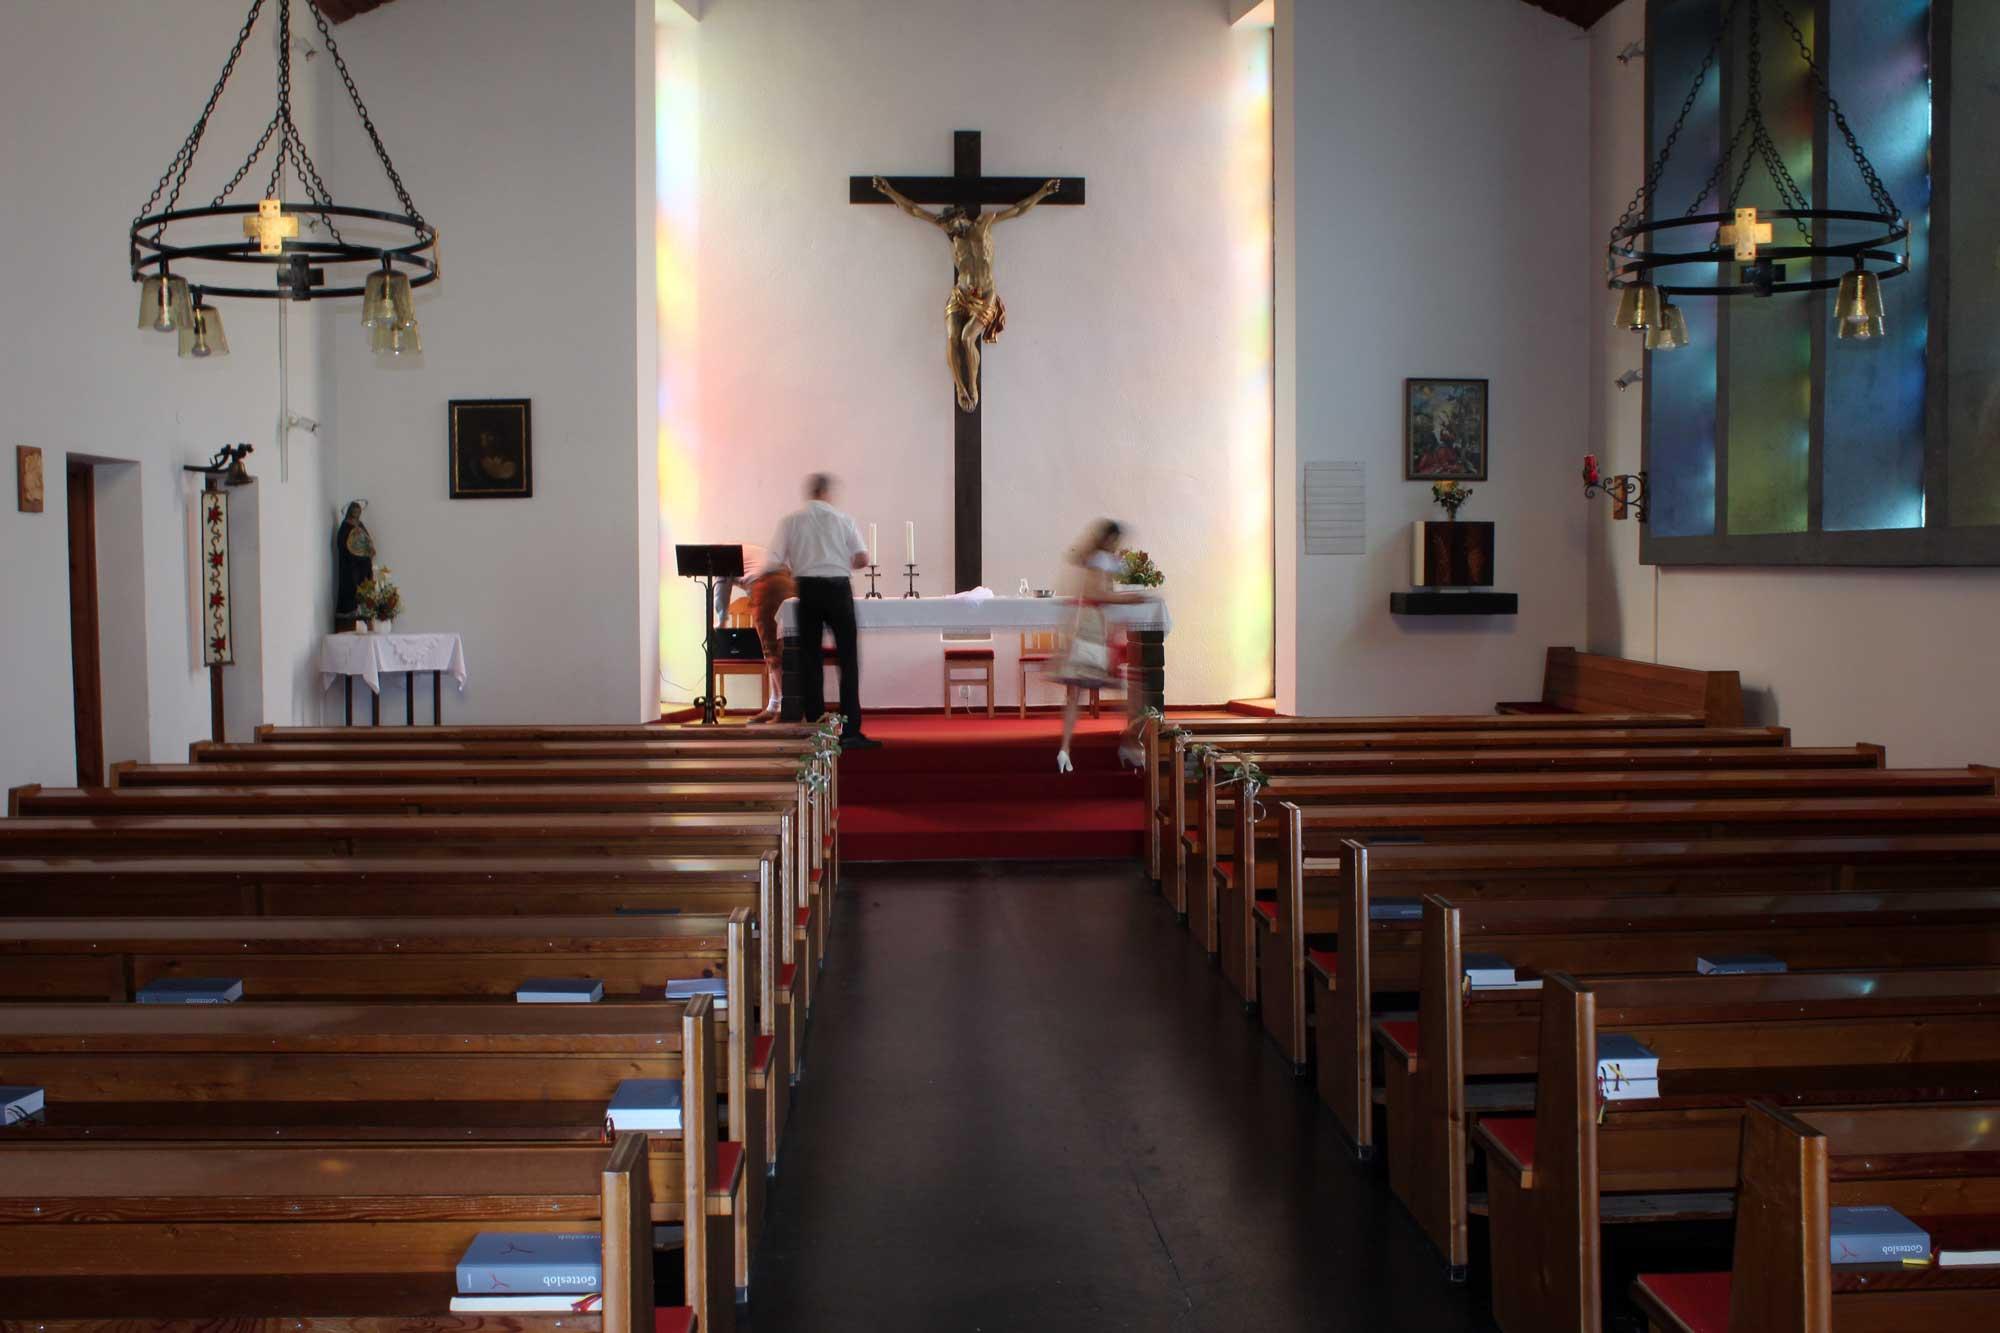 Checkliste Für Die Taufe Schnell Geplant Und Ncihts Vergessen